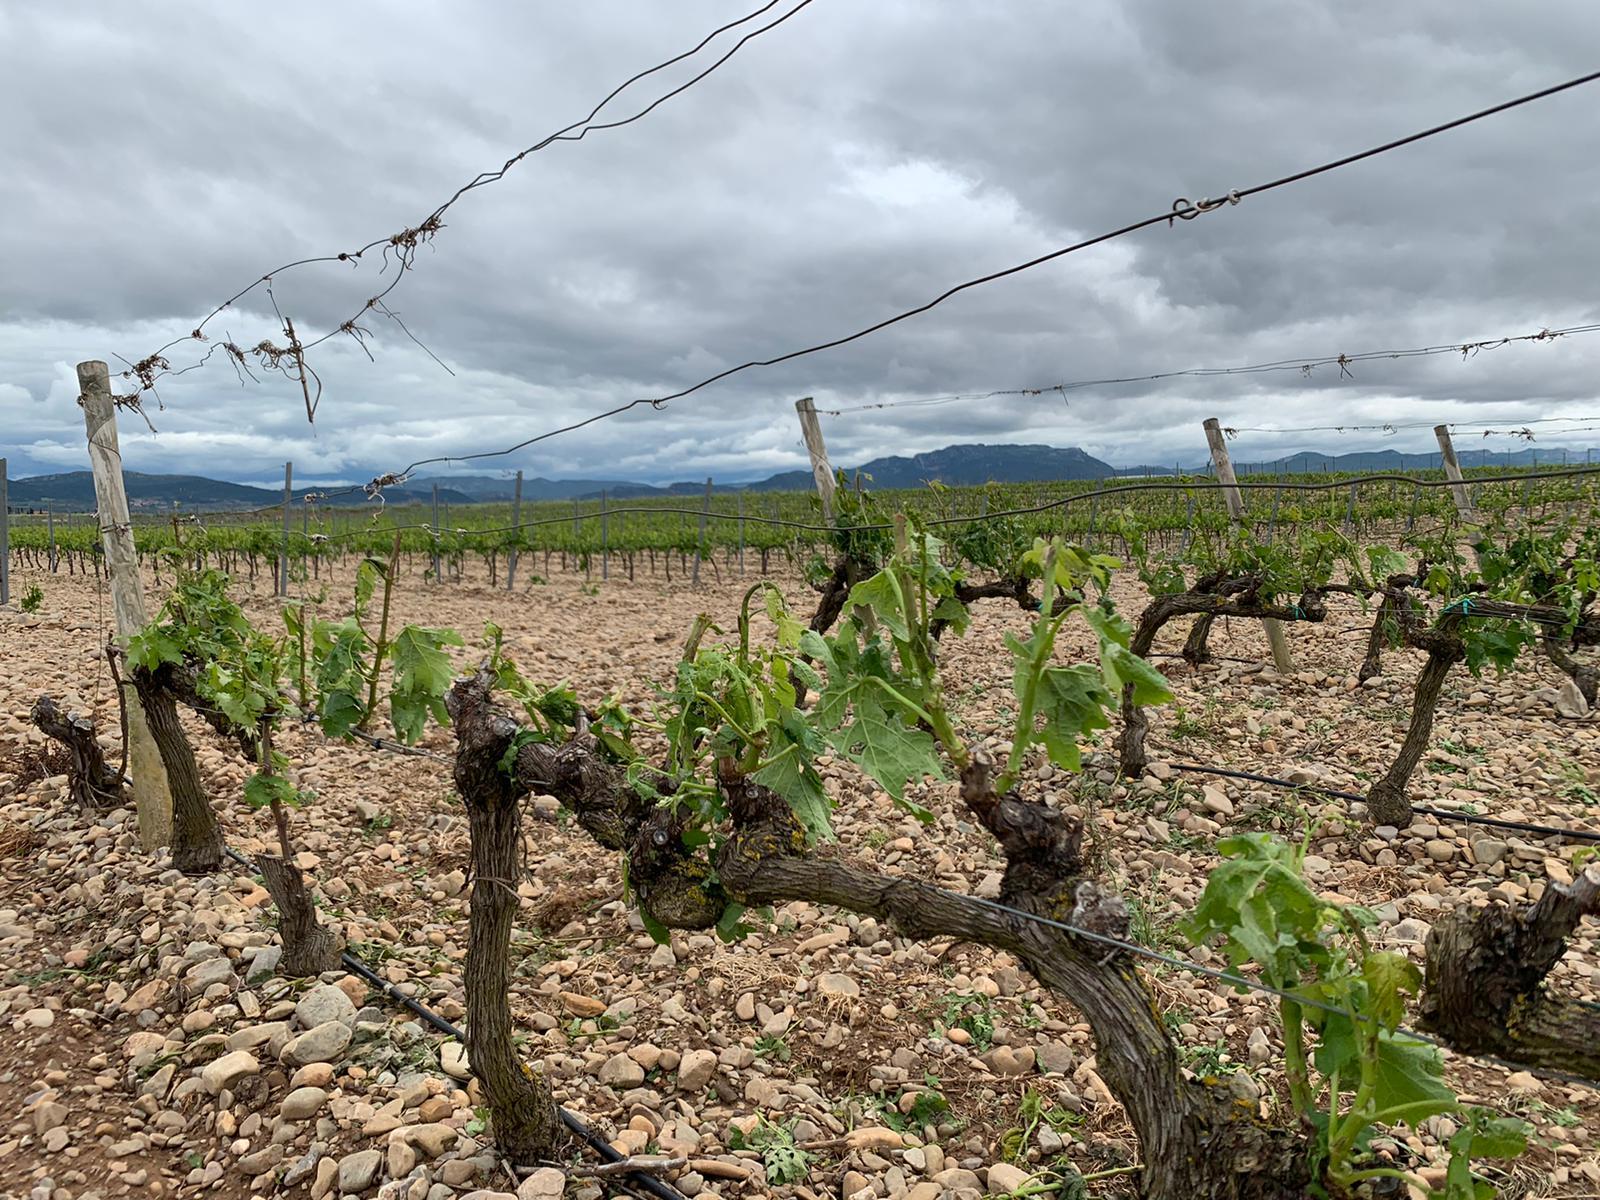 Una fuerte tormenta de agua y granizo deja daños en la comarca de Haro 8